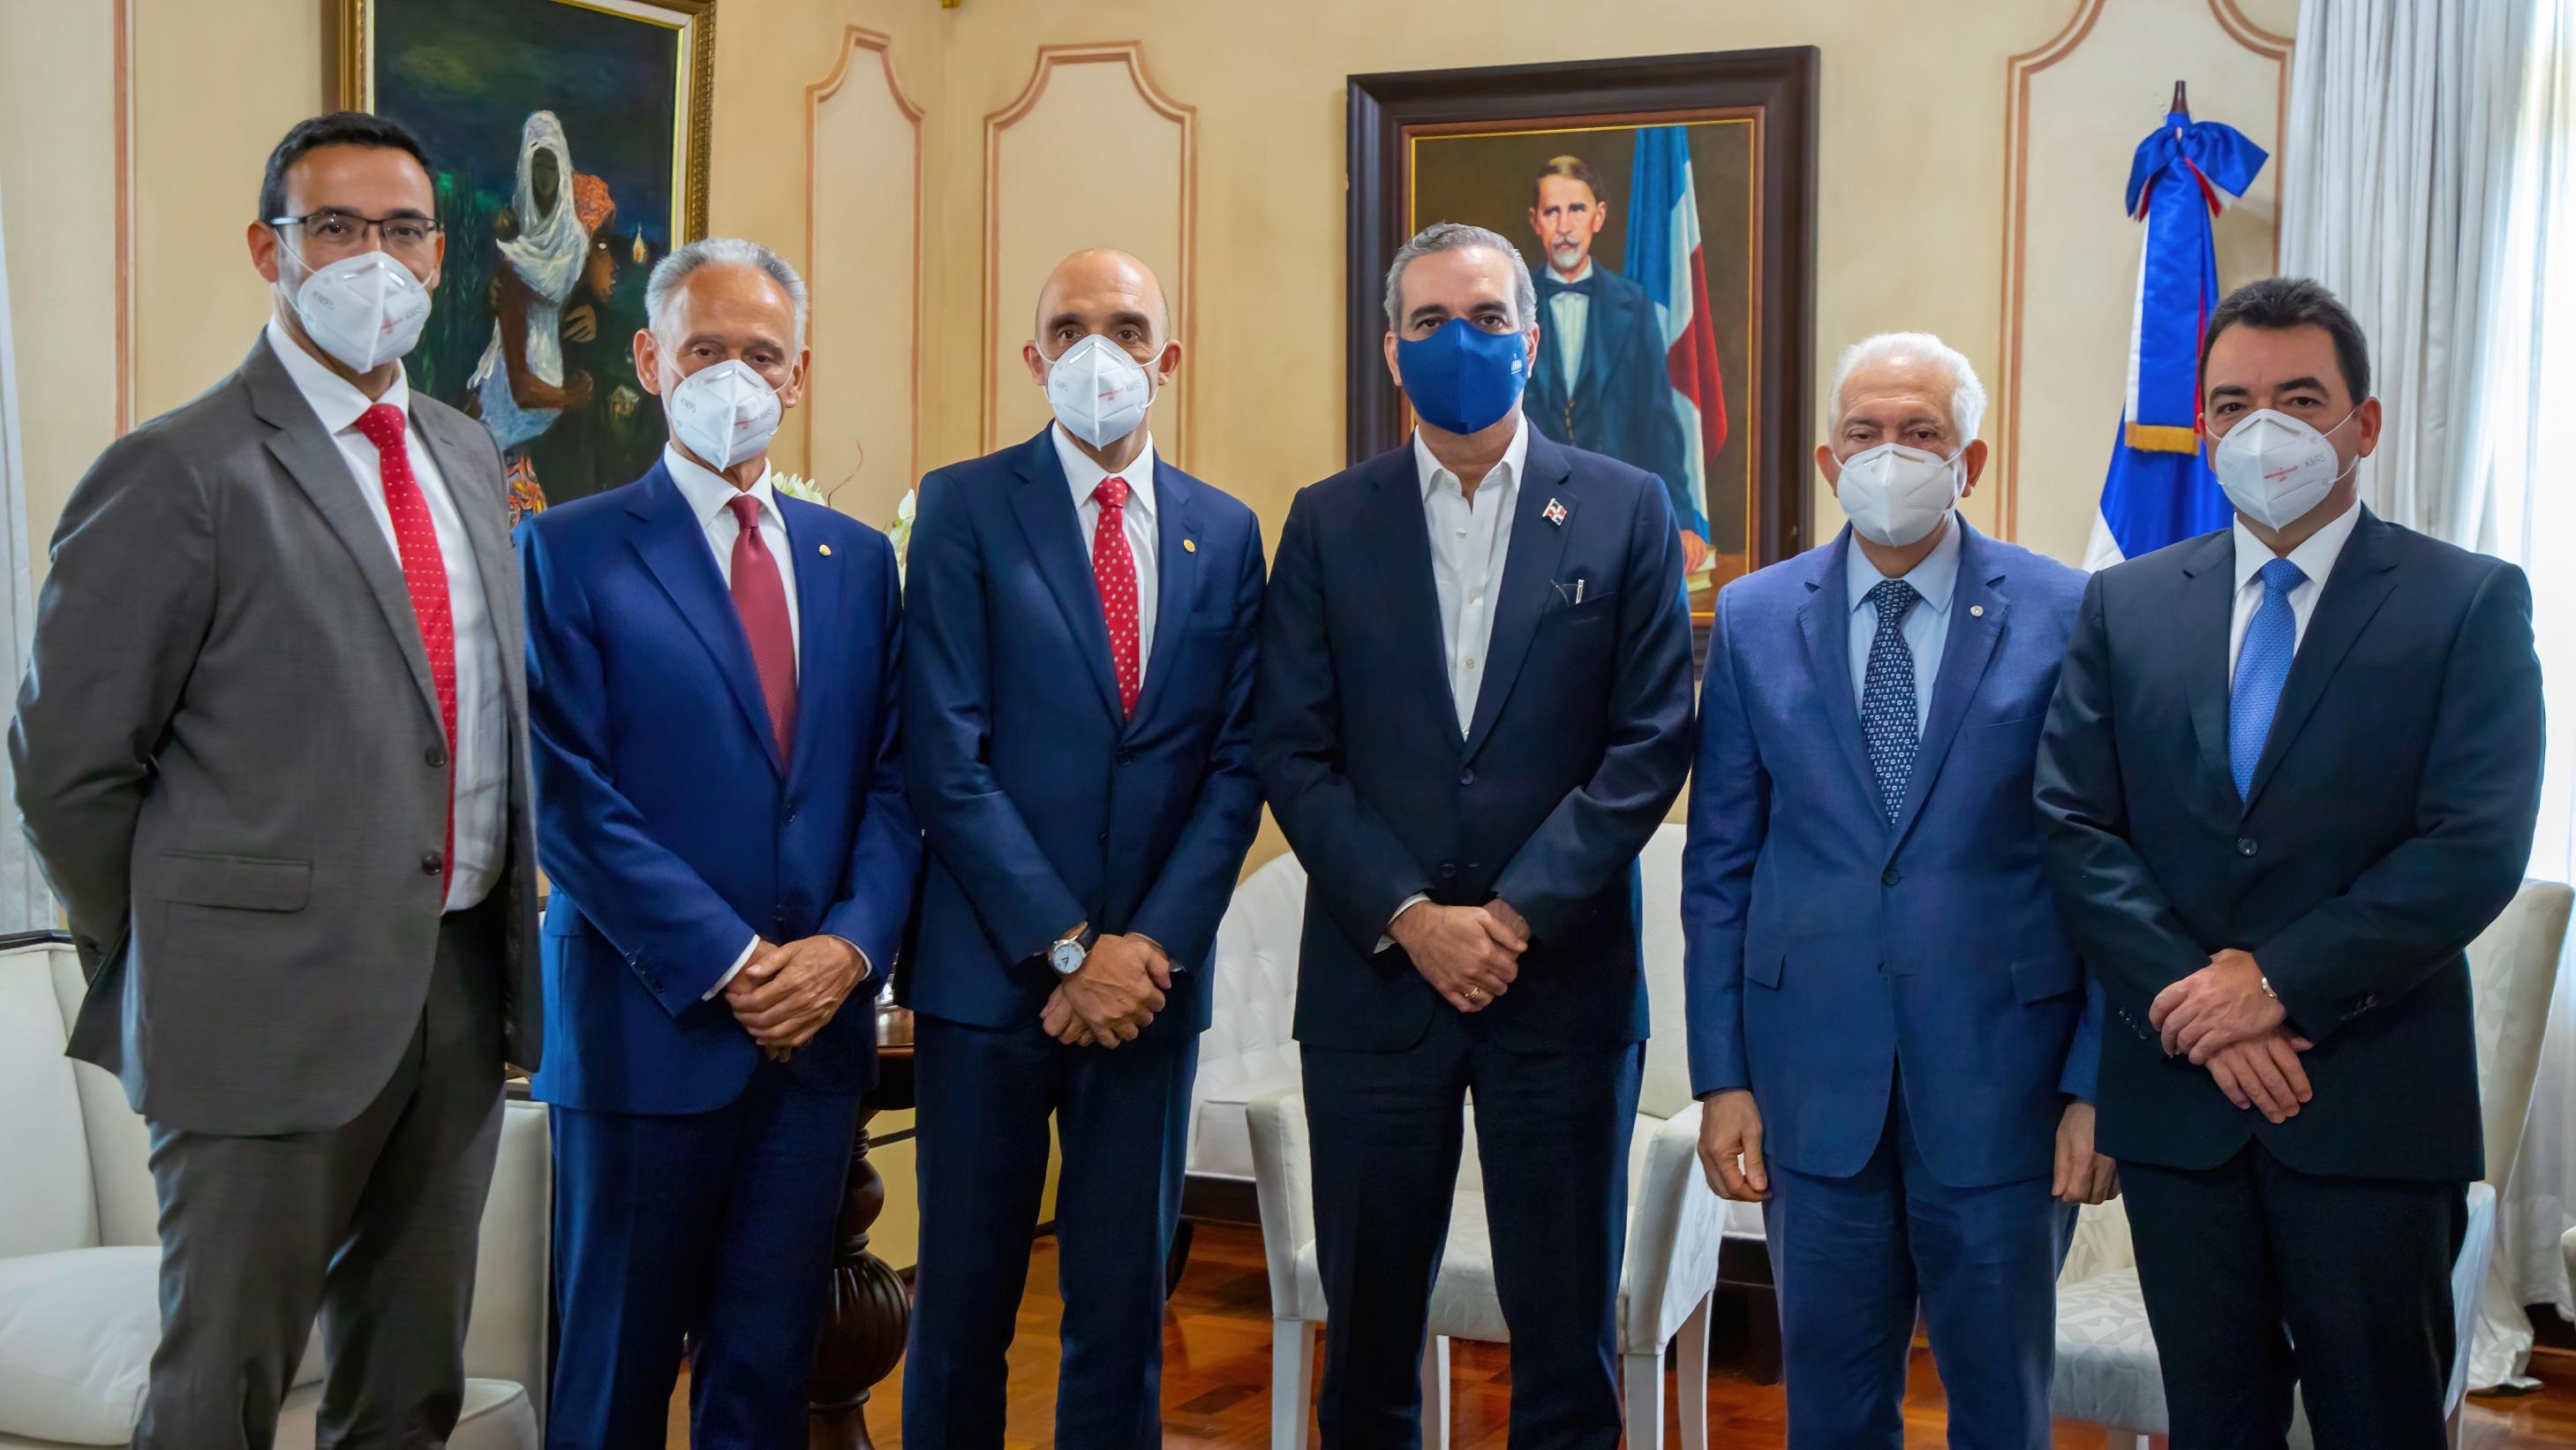 Ejecutivos del Grupo MAPFRE y del Centro Financiero BHD León visitan al presidente Abinader